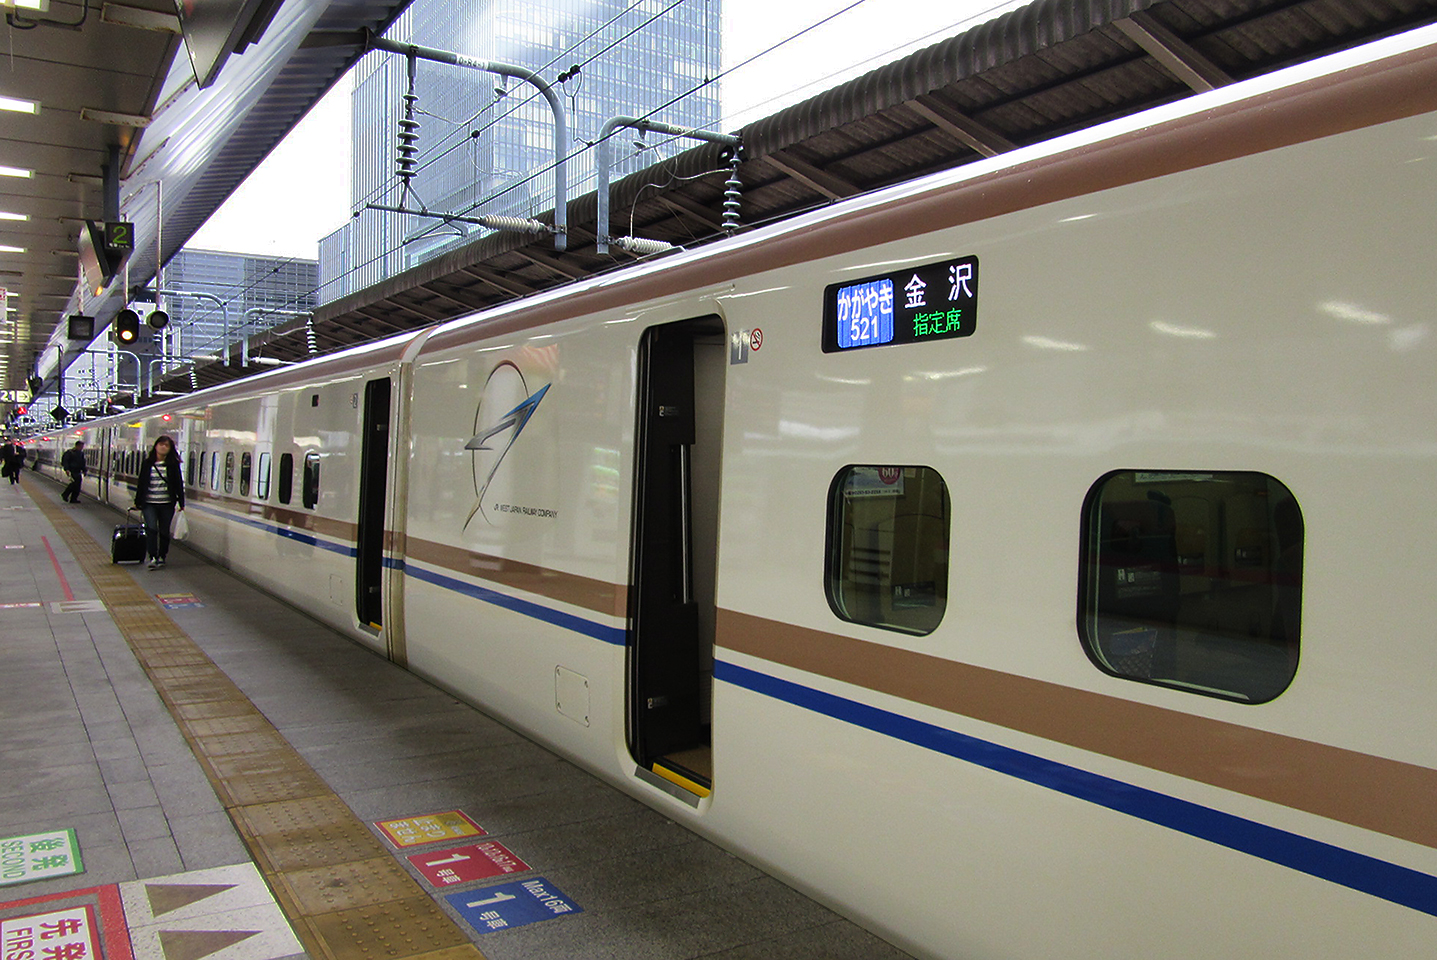 http://moritetsu.info/train/img/IMG_6311sssss.jpg